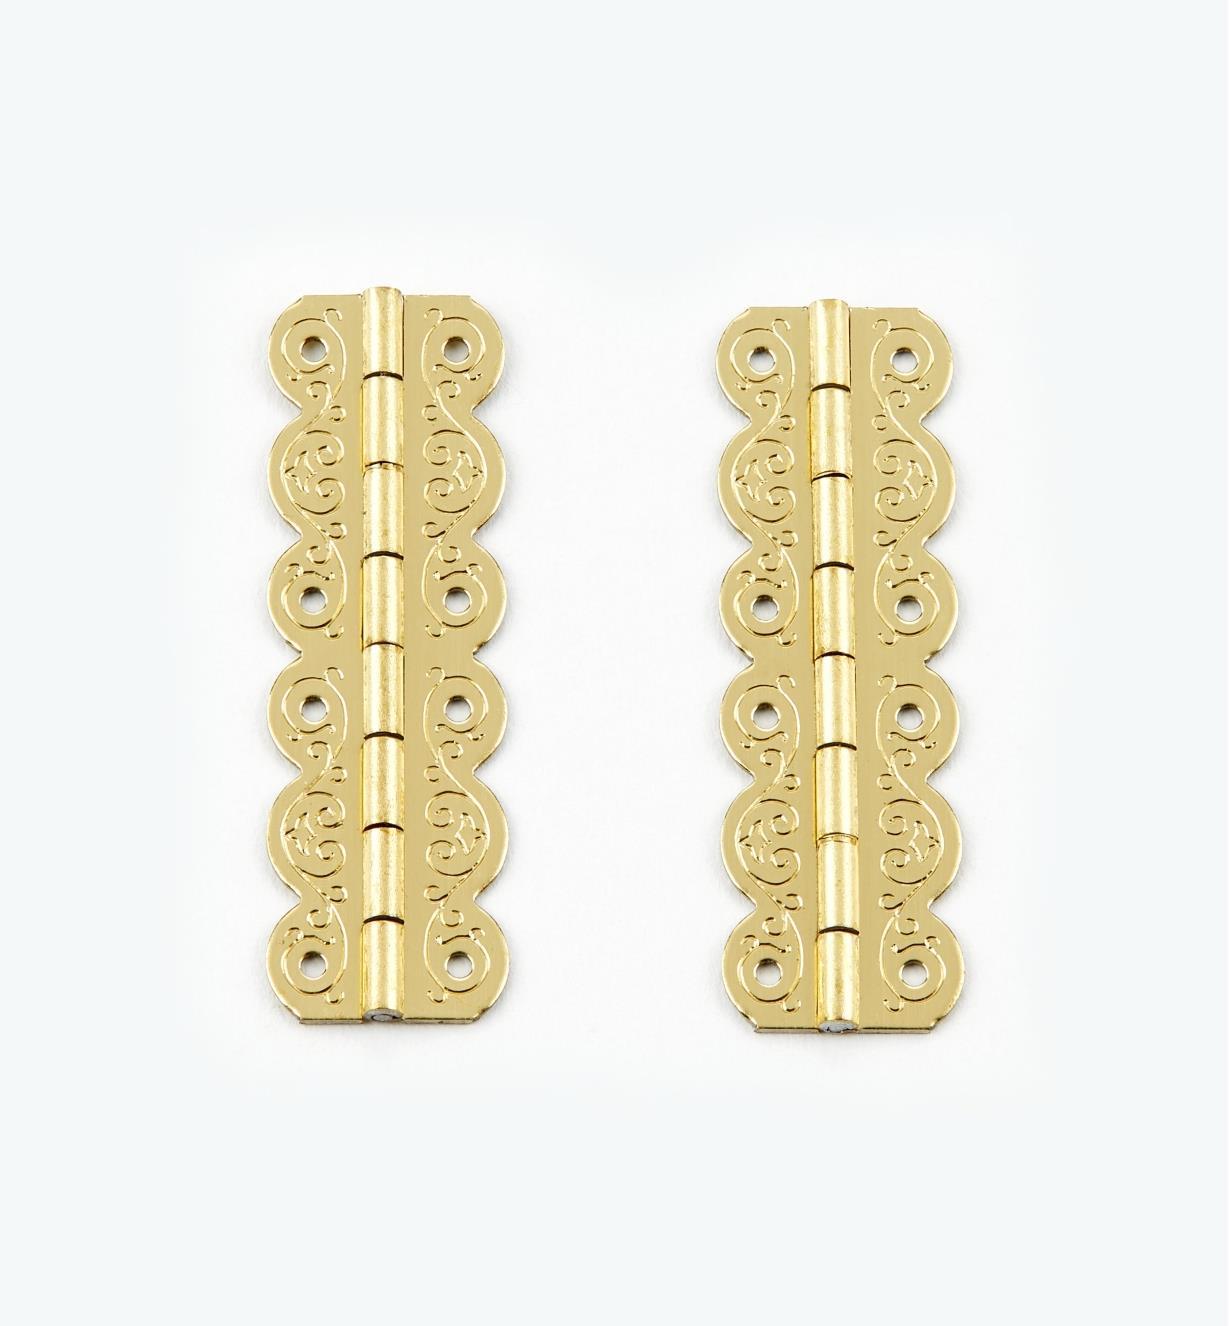 00D3502 - 40mm x 13mm FiligreeHinges, pr.